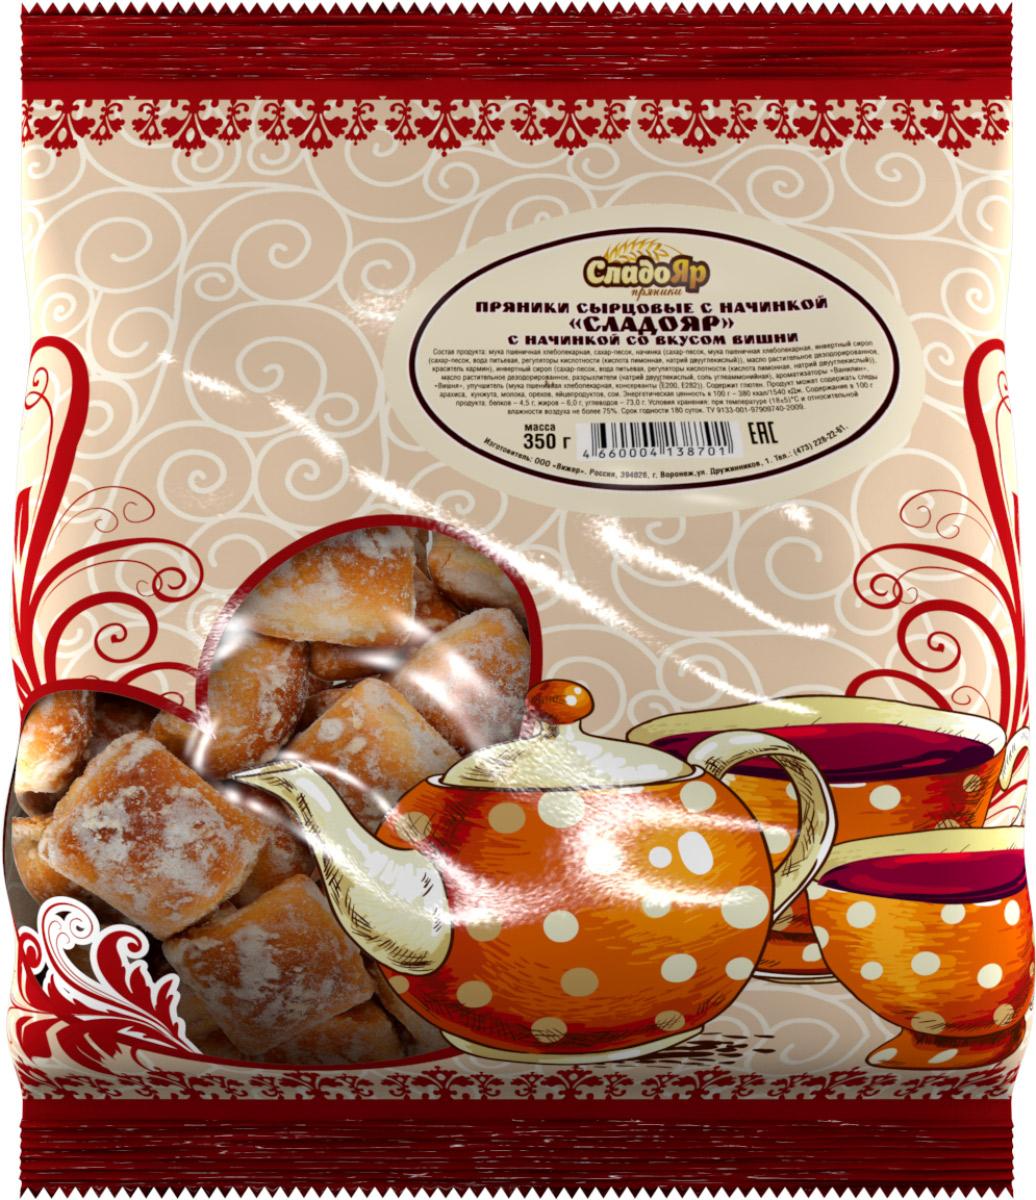 Сладояр пряники с начинкой со вкусом вишни, 350 г4660004138701Маленькие прянички из имбирного теста с нежной начинкой со вкусом вишни.Уважаемые клиенты! Обращаем ваше внимание, что полный перечень состава продукта представлен на дополнительном изображении.